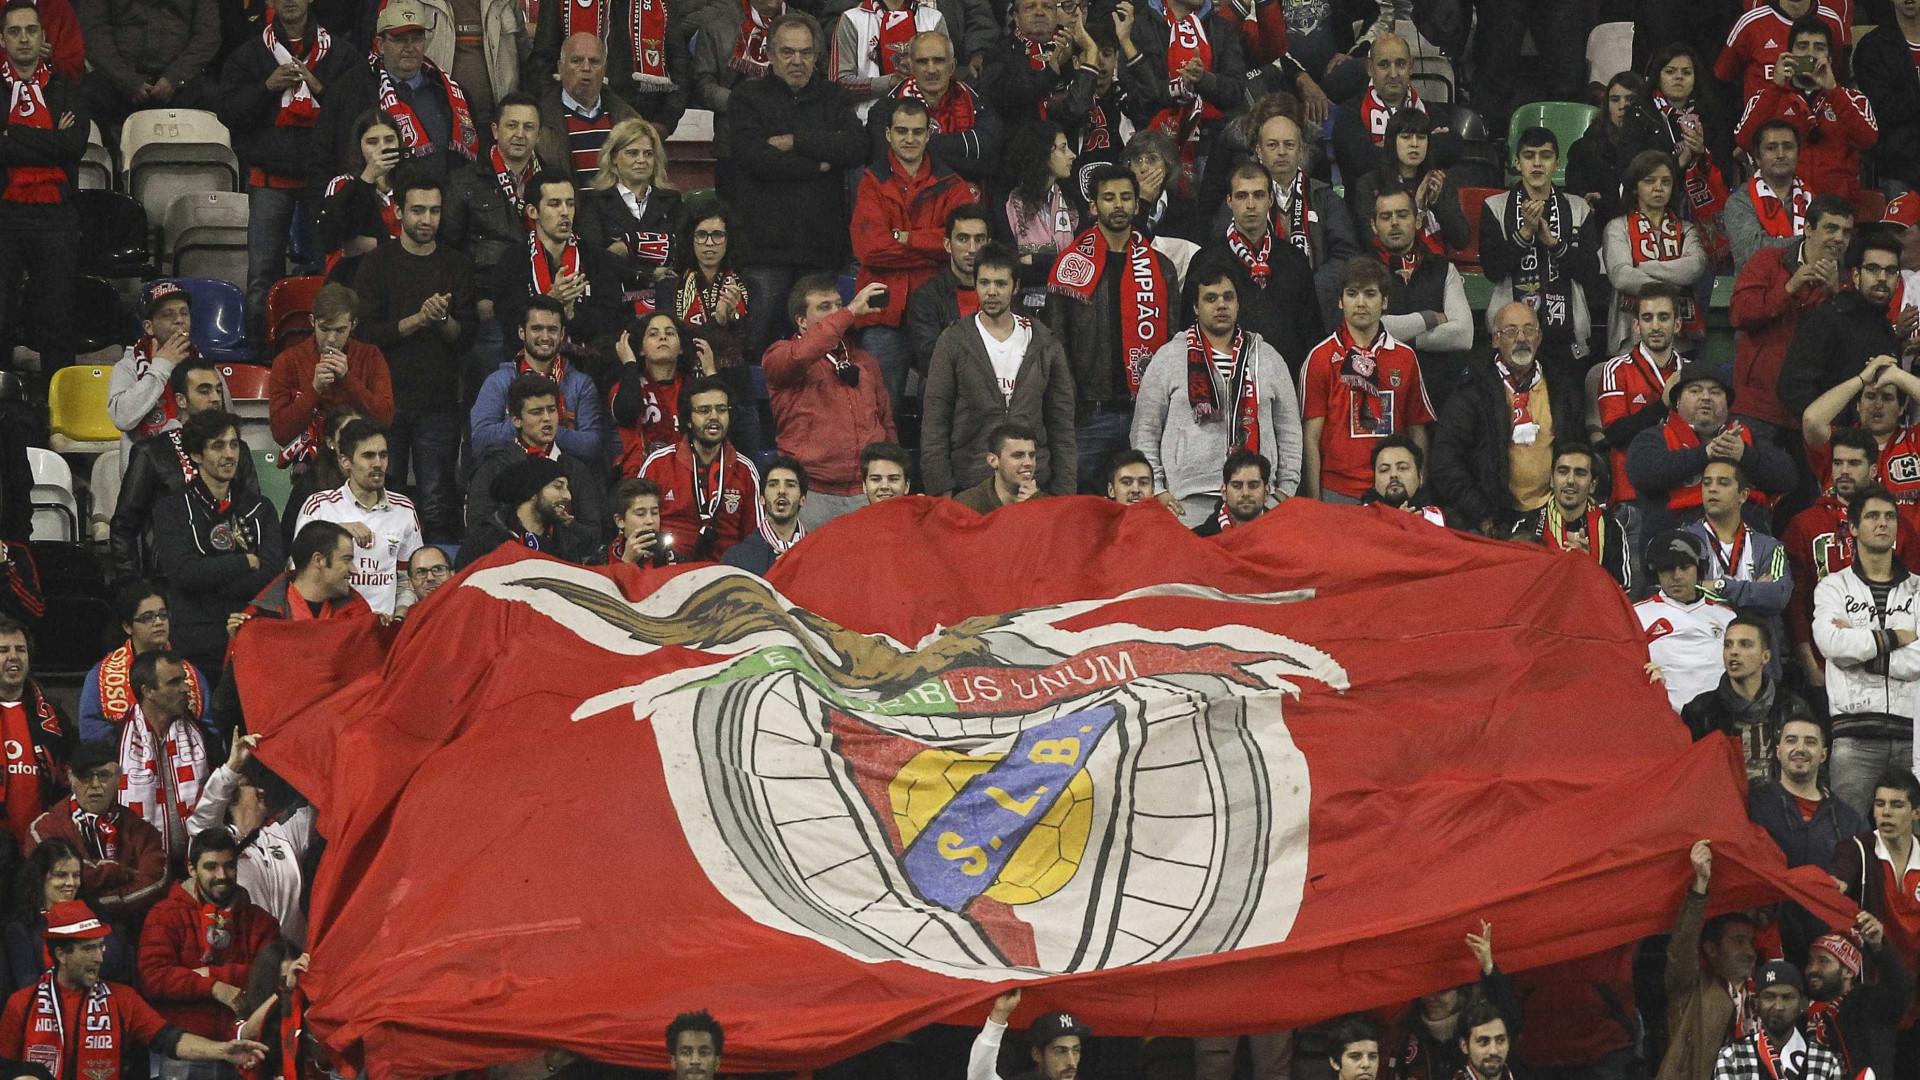 """Benfica responde: """"Descubra onde está a unha do dragão"""""""